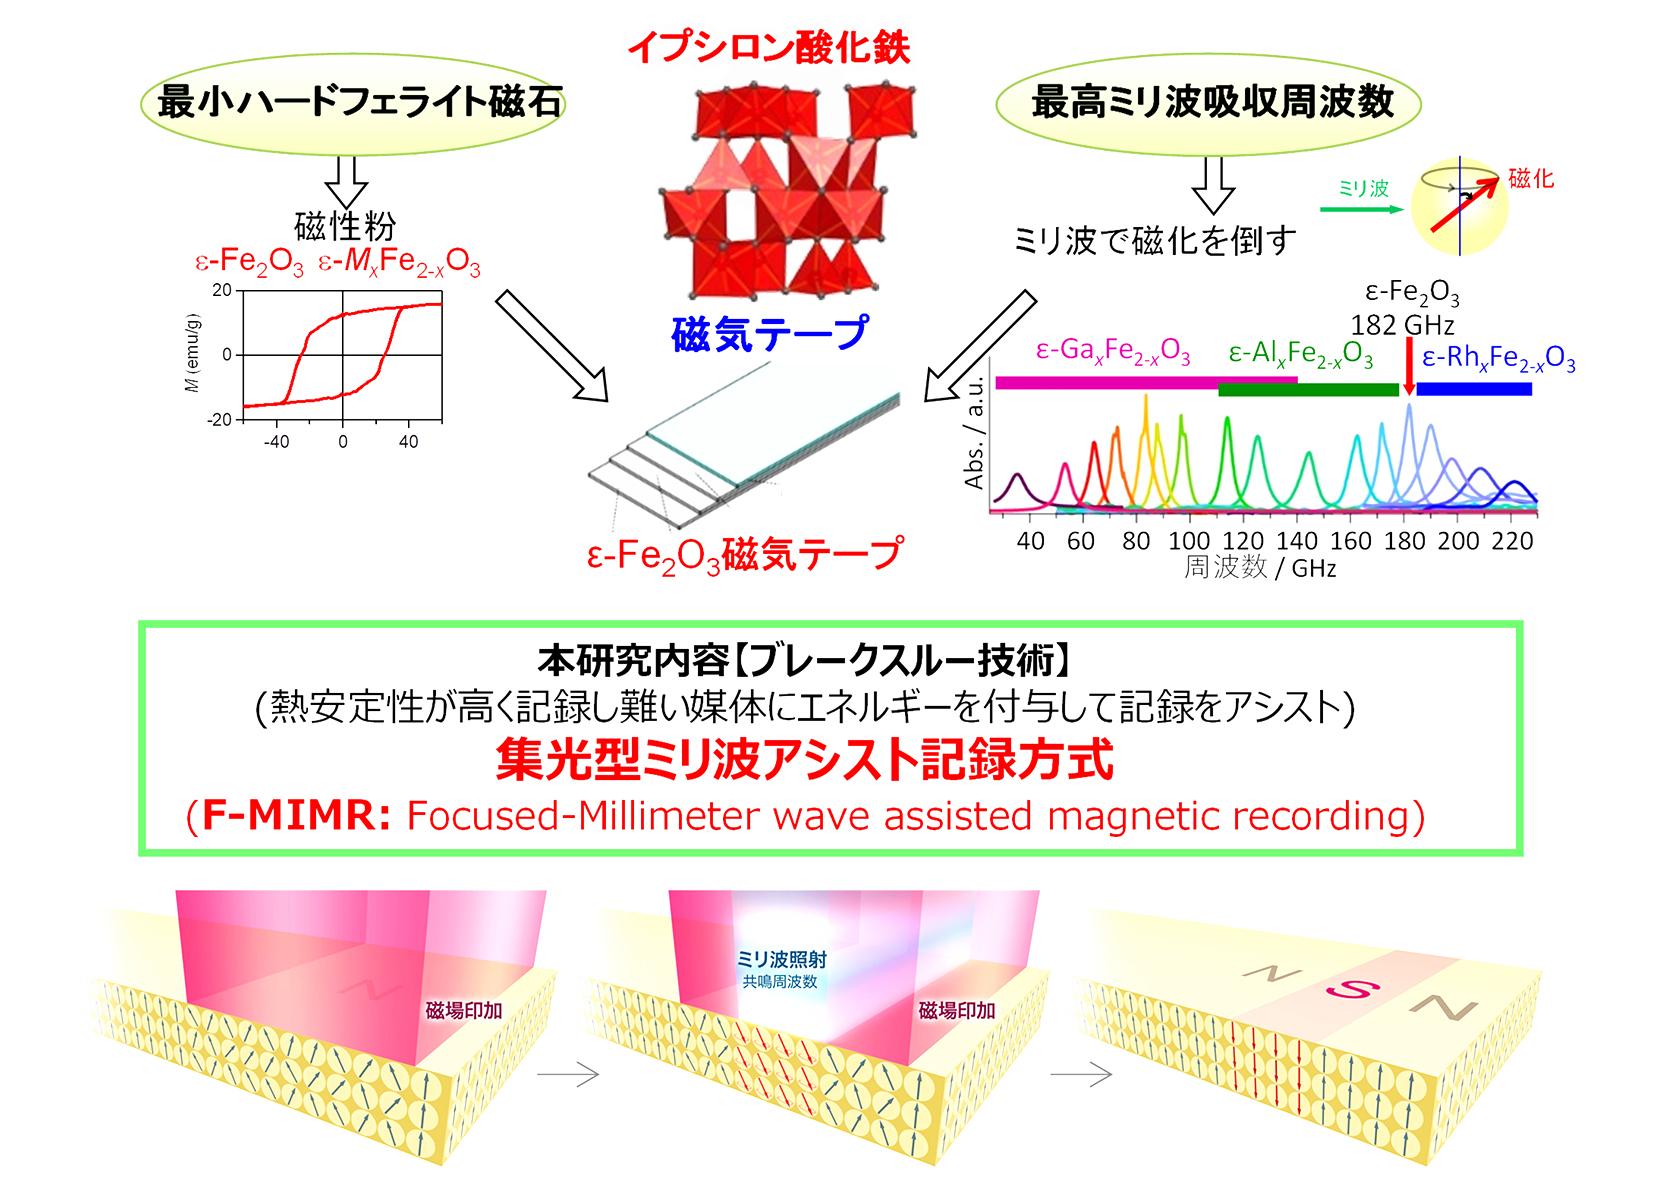 [図1]「集光型ミリ波アシスト磁気記録方式(F-MIMR)」のコンセプト。